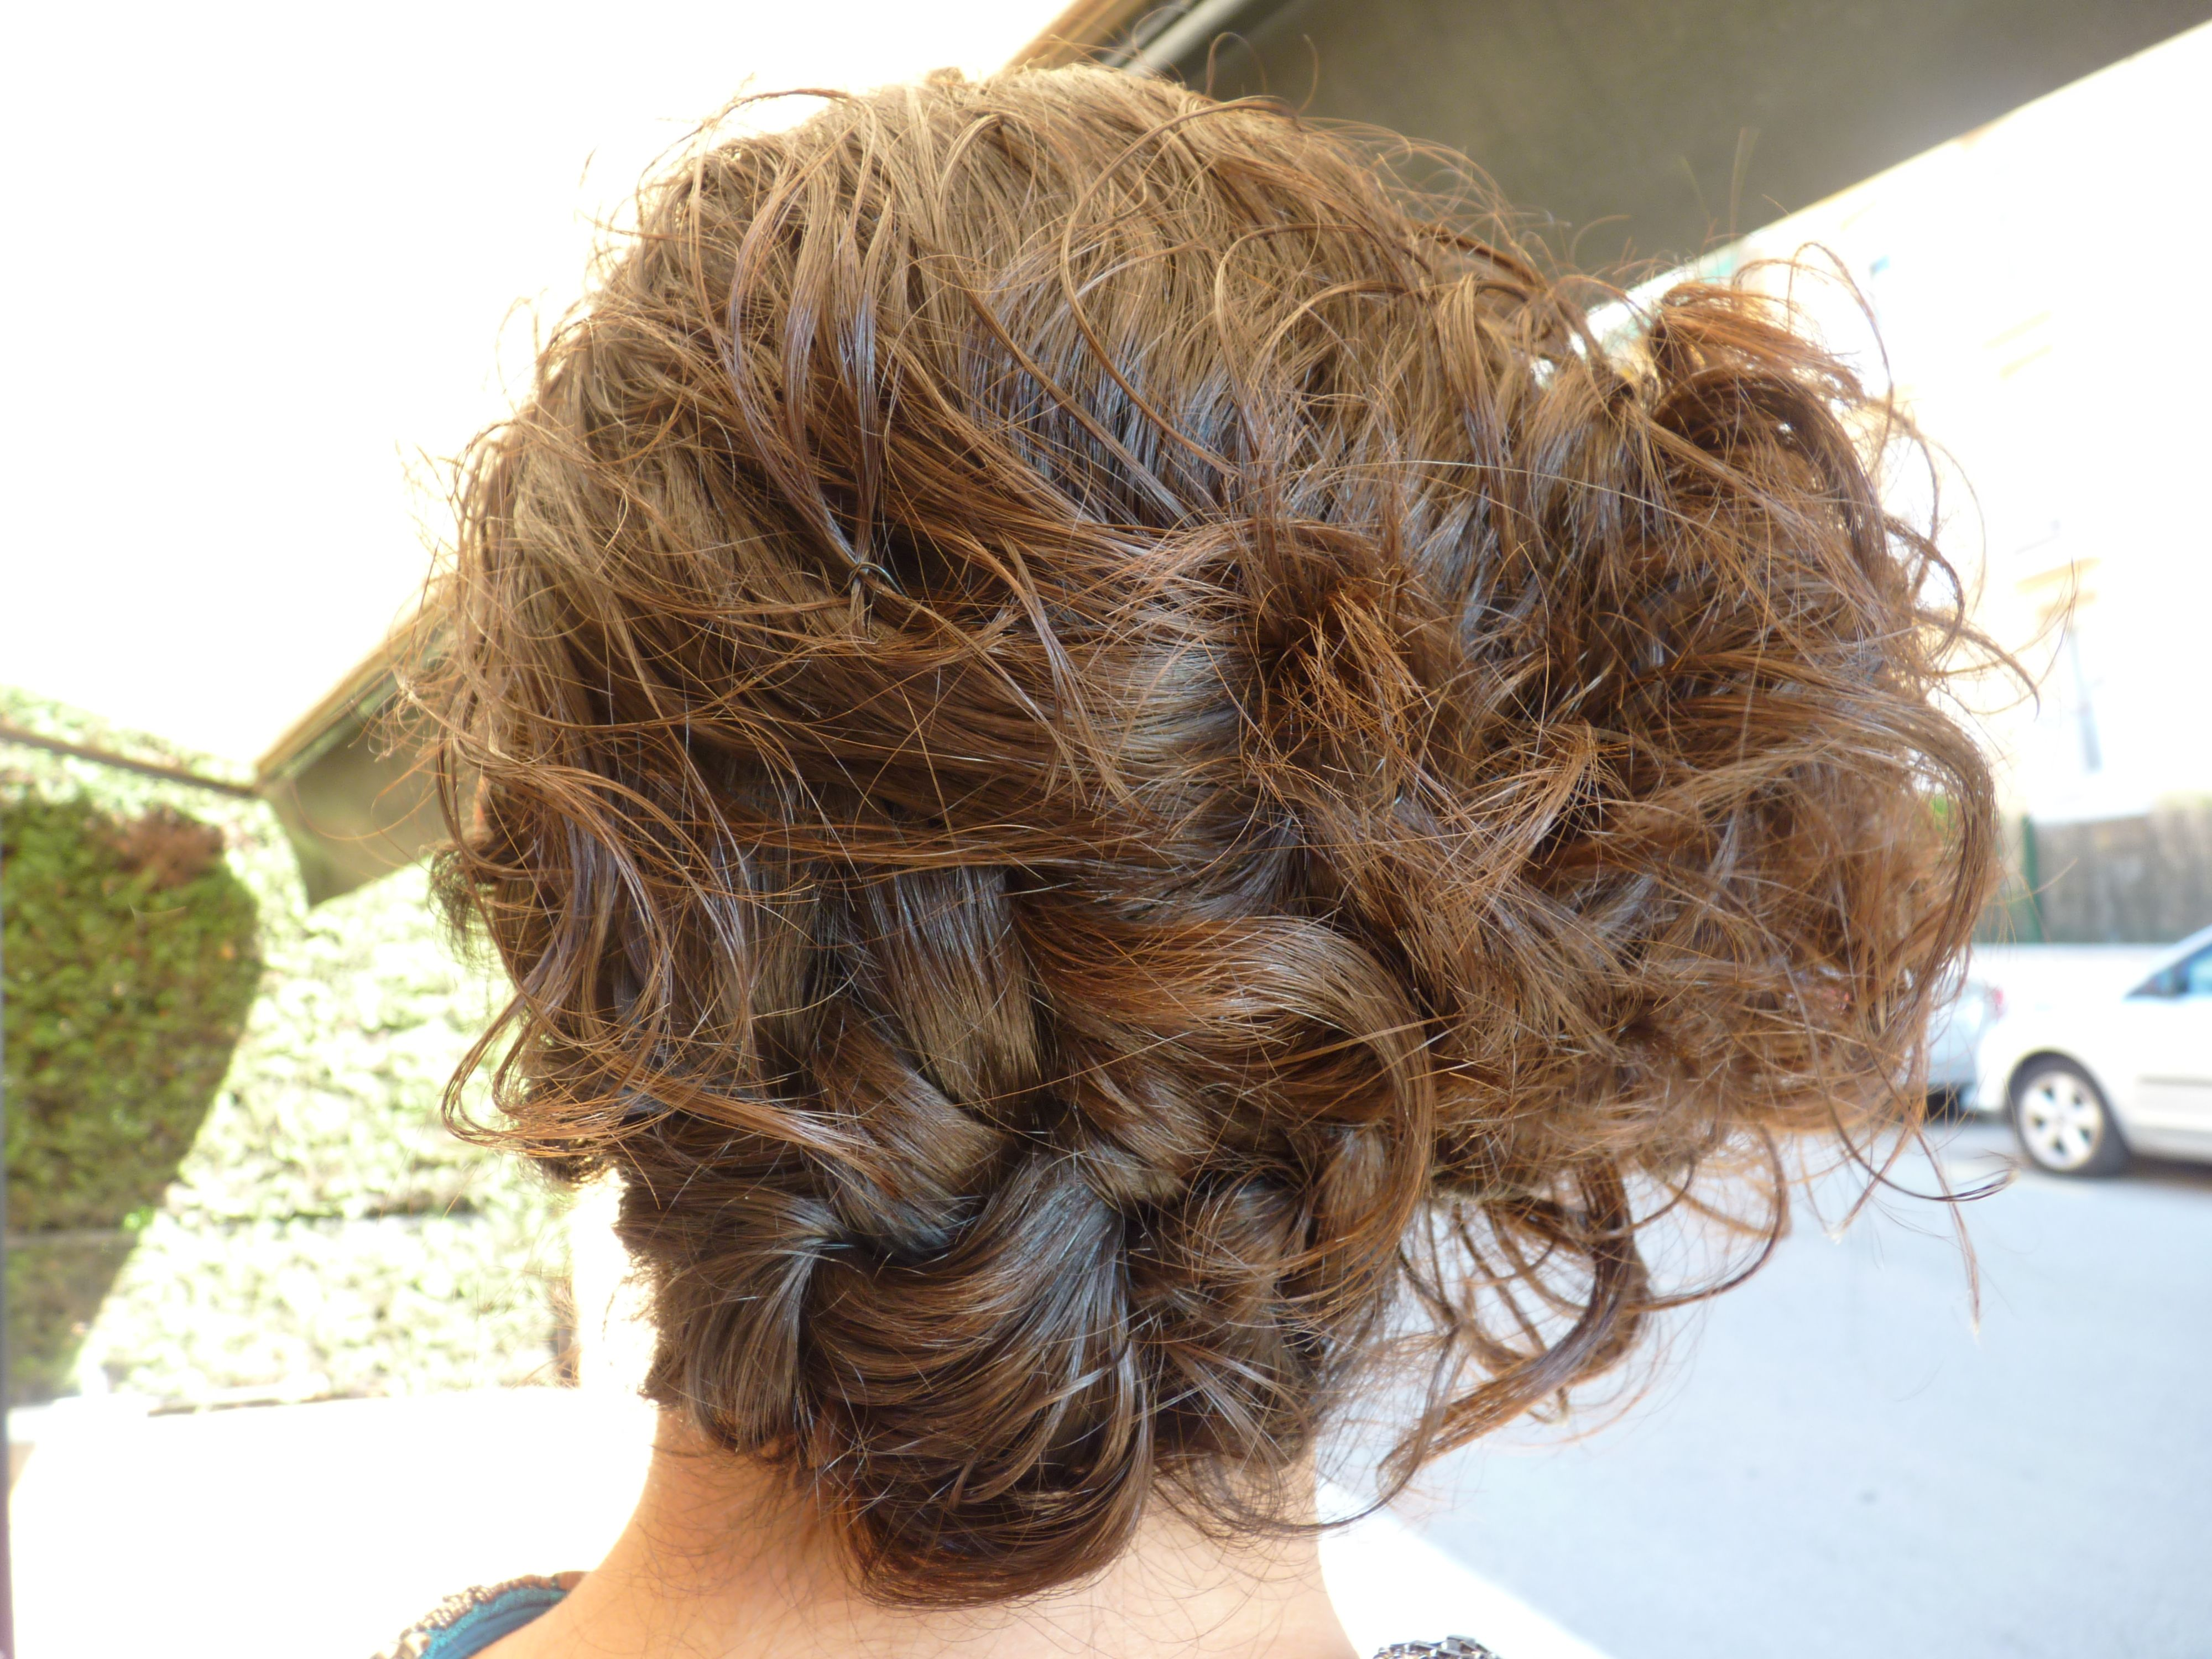 recogido de boda informal para pelo rizado trenza y moo simple wedding hairstyle for - Recogidos Informales Pelo Rizado